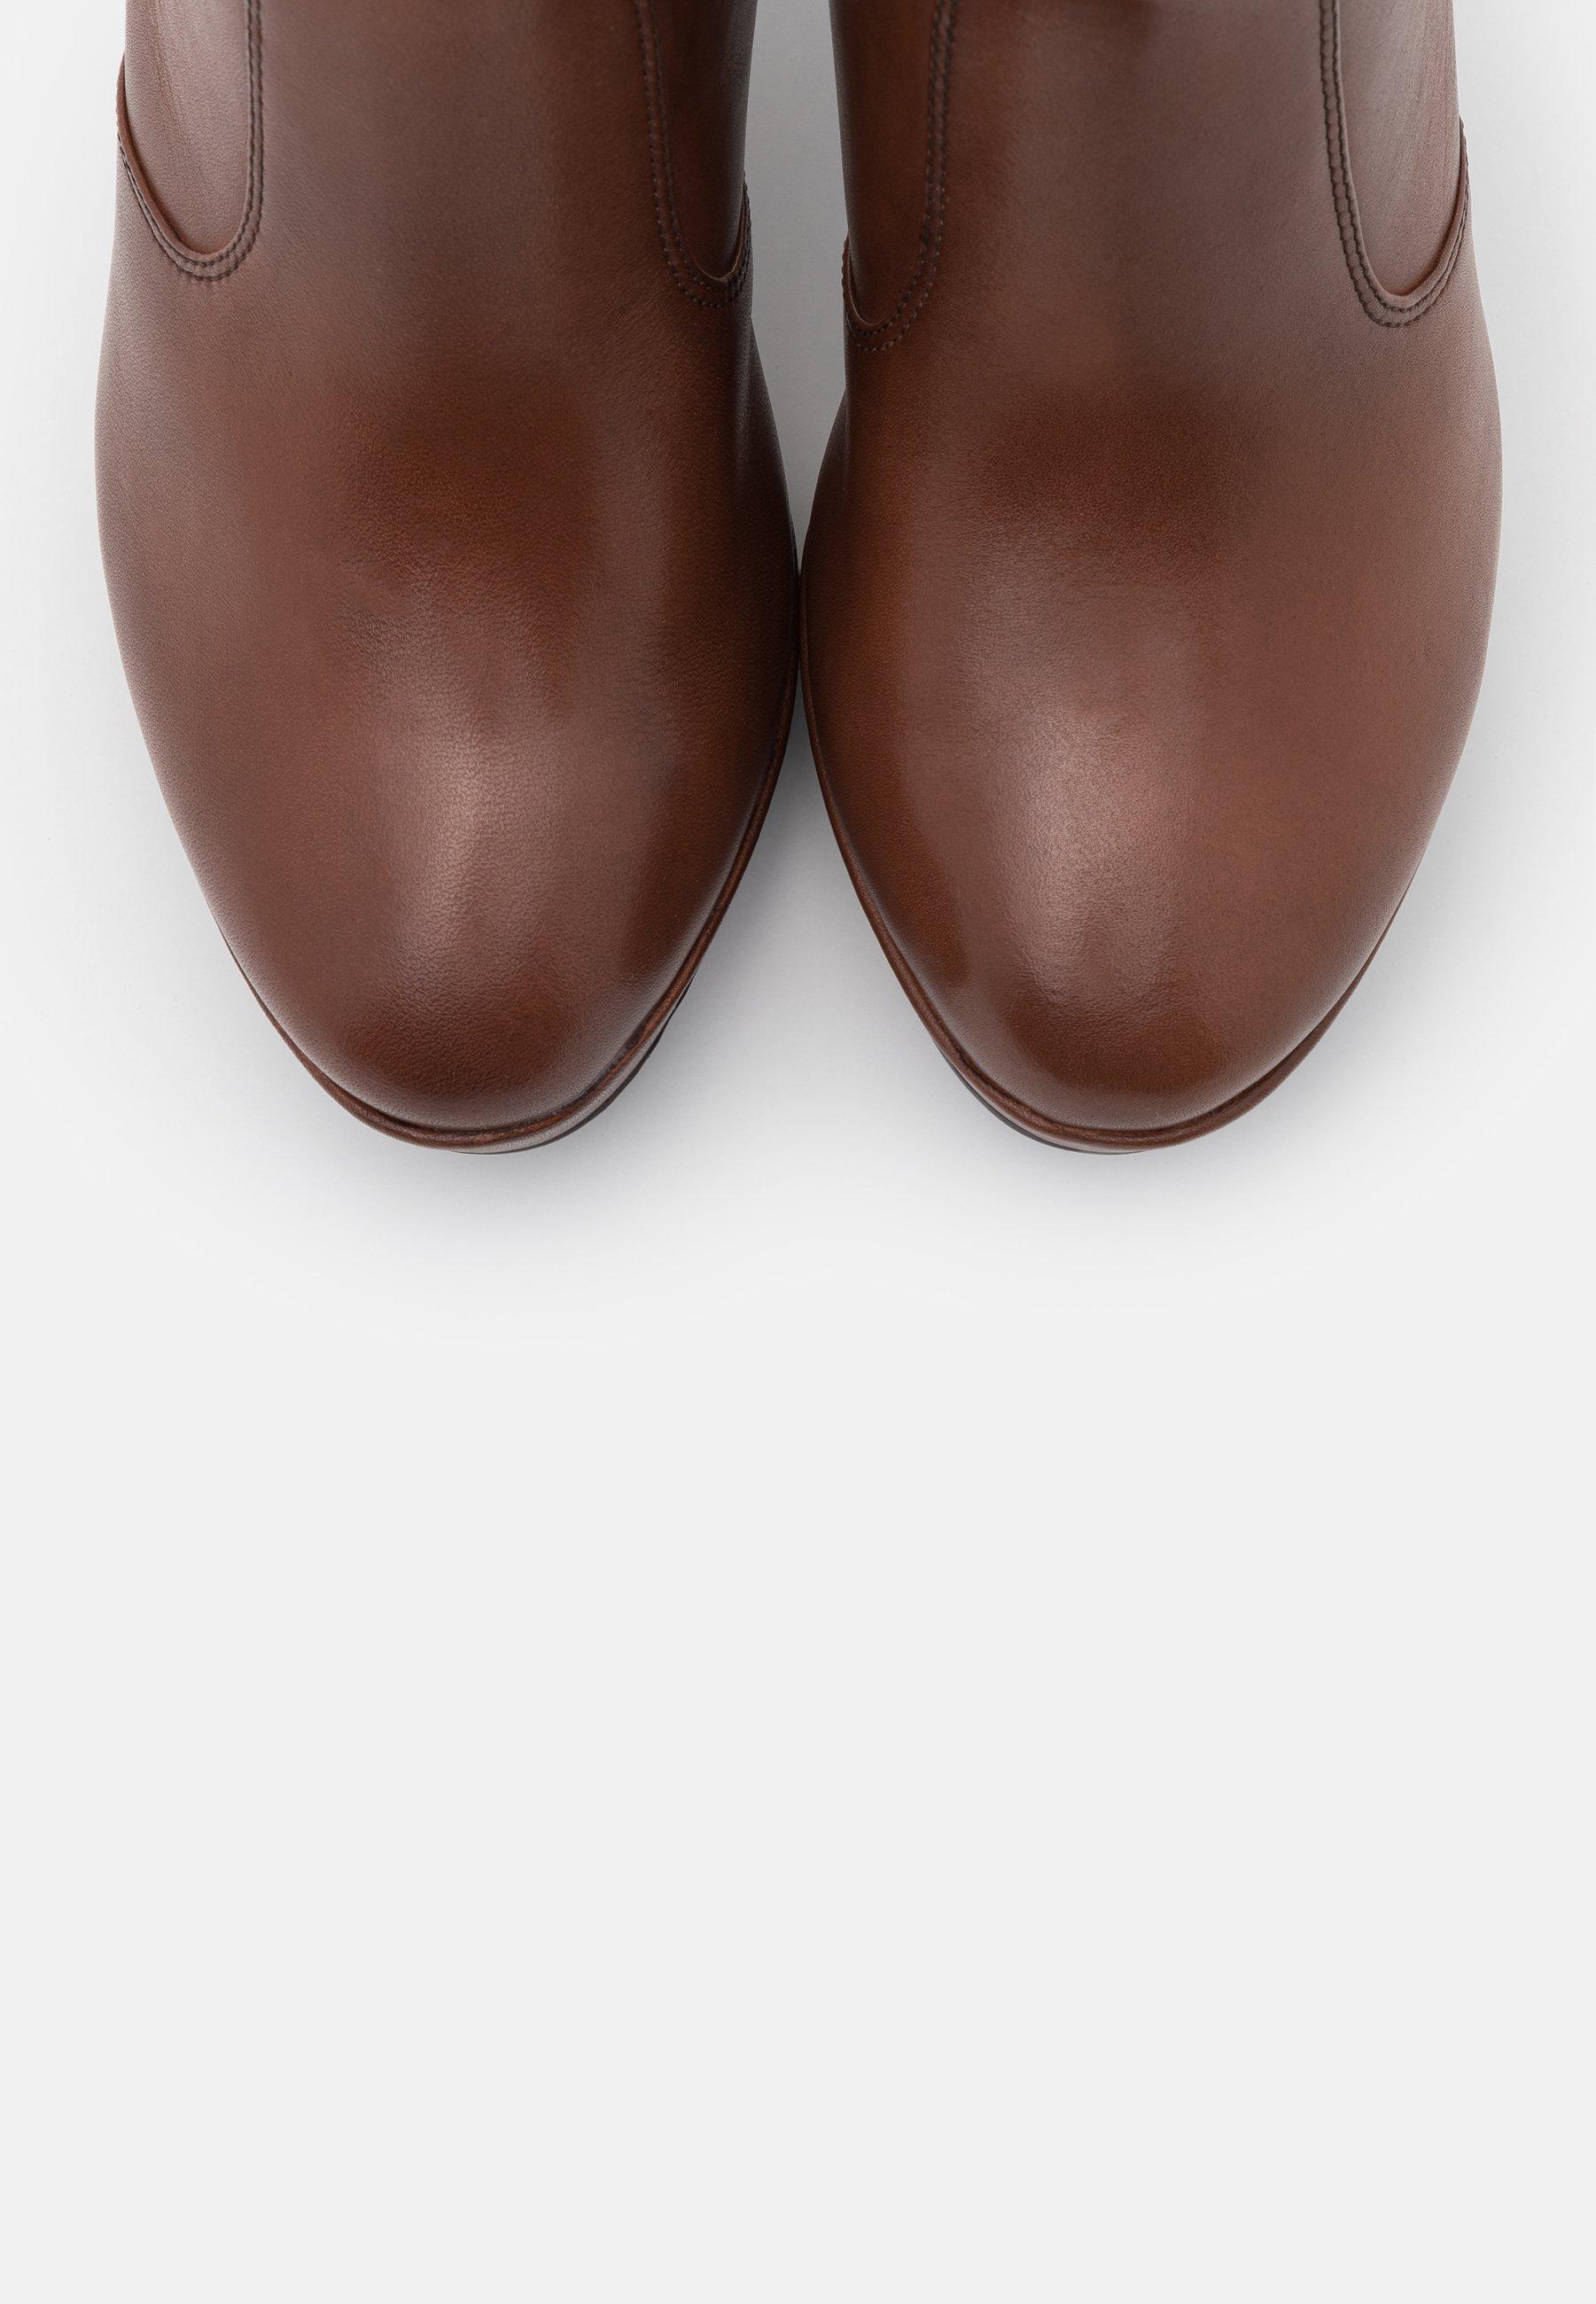 Tamaris Heart & Sole Boots - High Heel Stiefelette Brandy/cognac